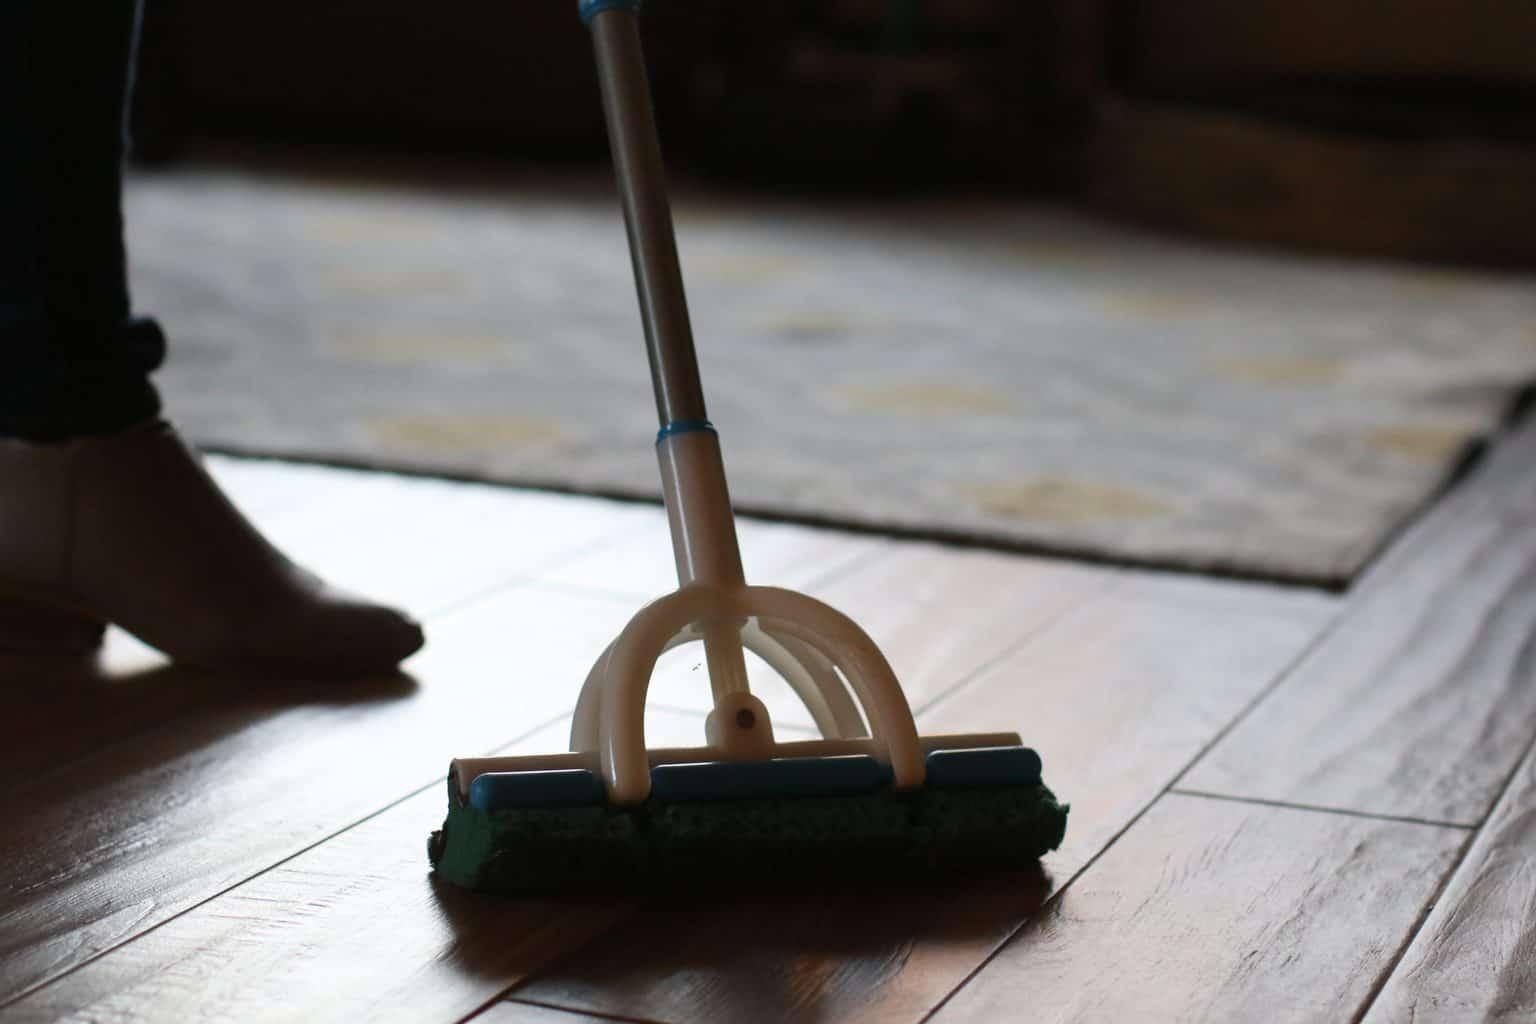 Foam mop